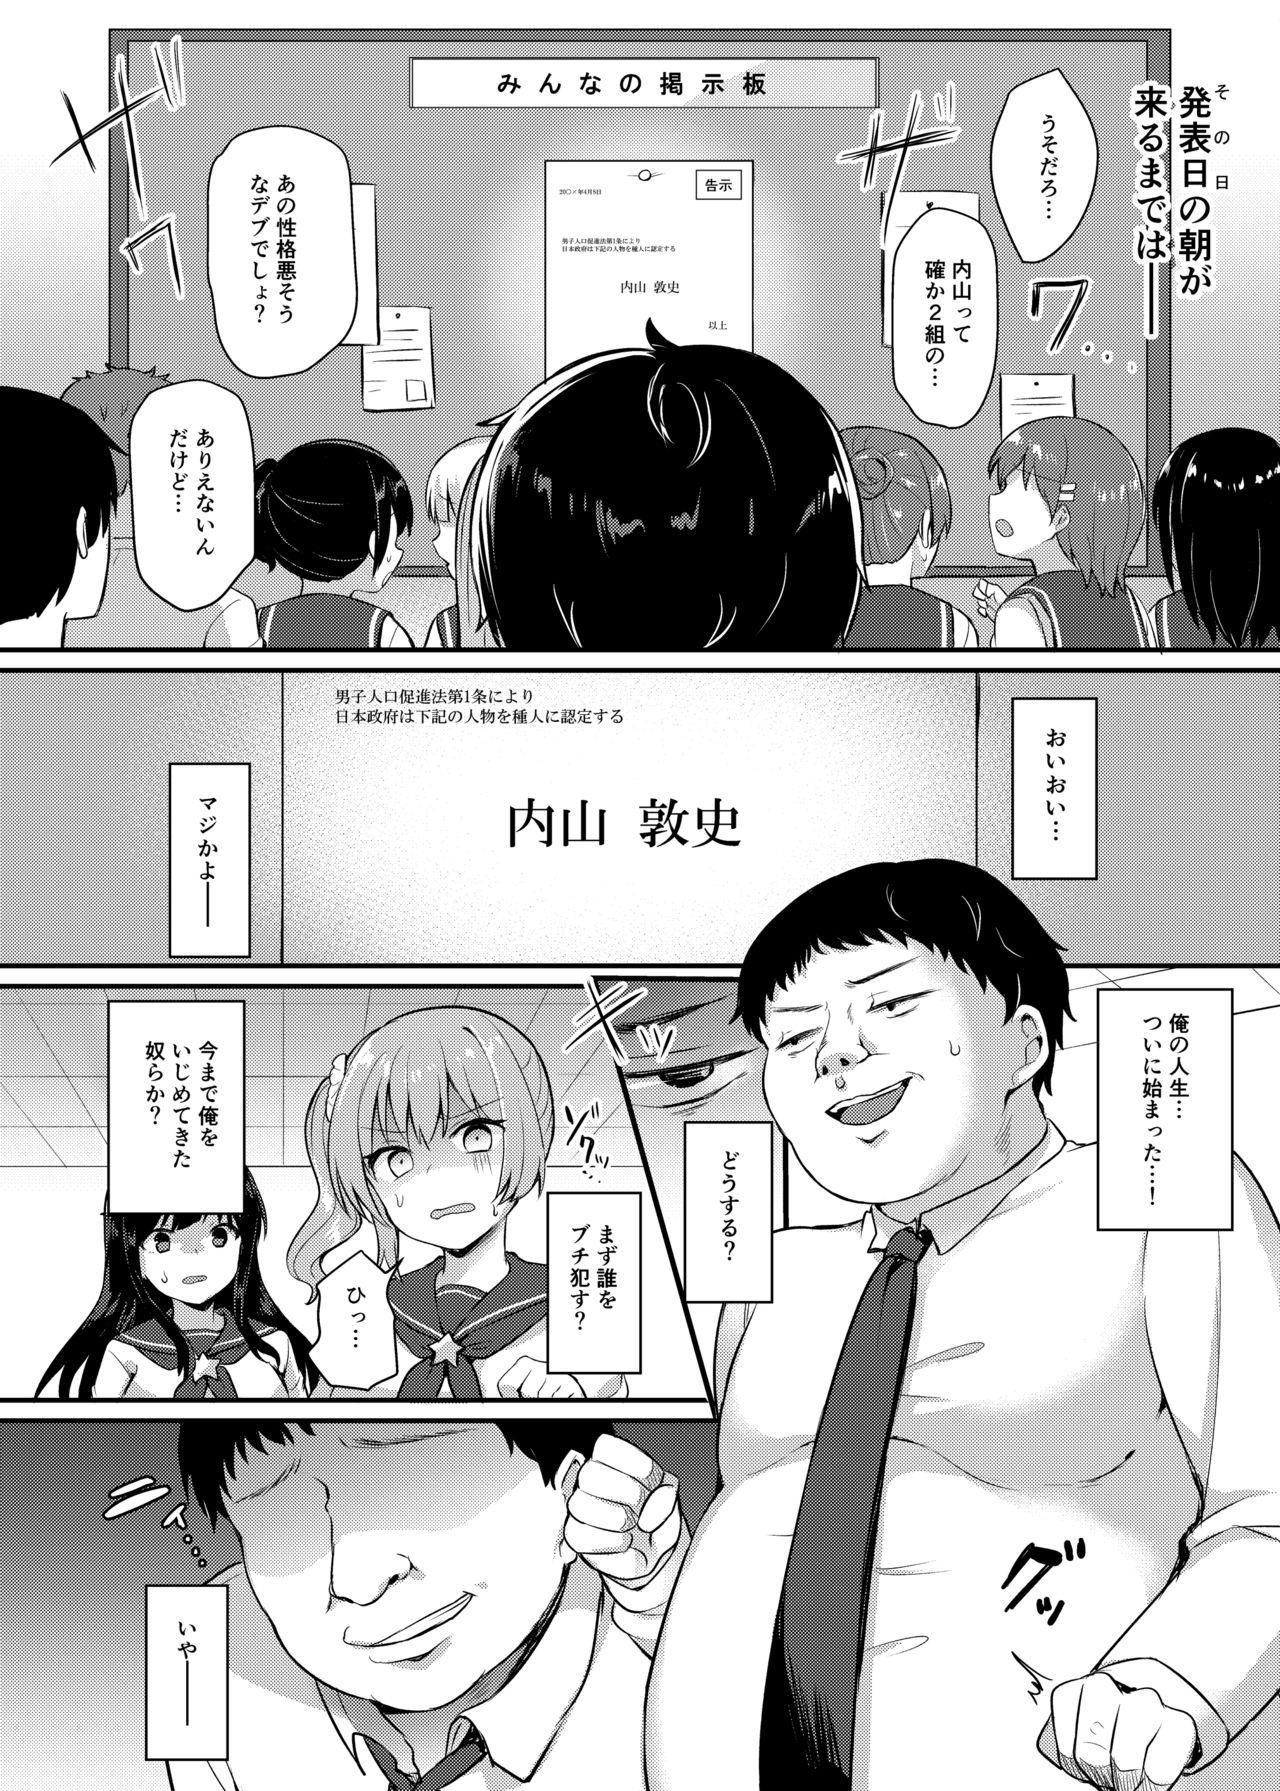 Boku no Tanetsuke Gakkou Seikatsu 7